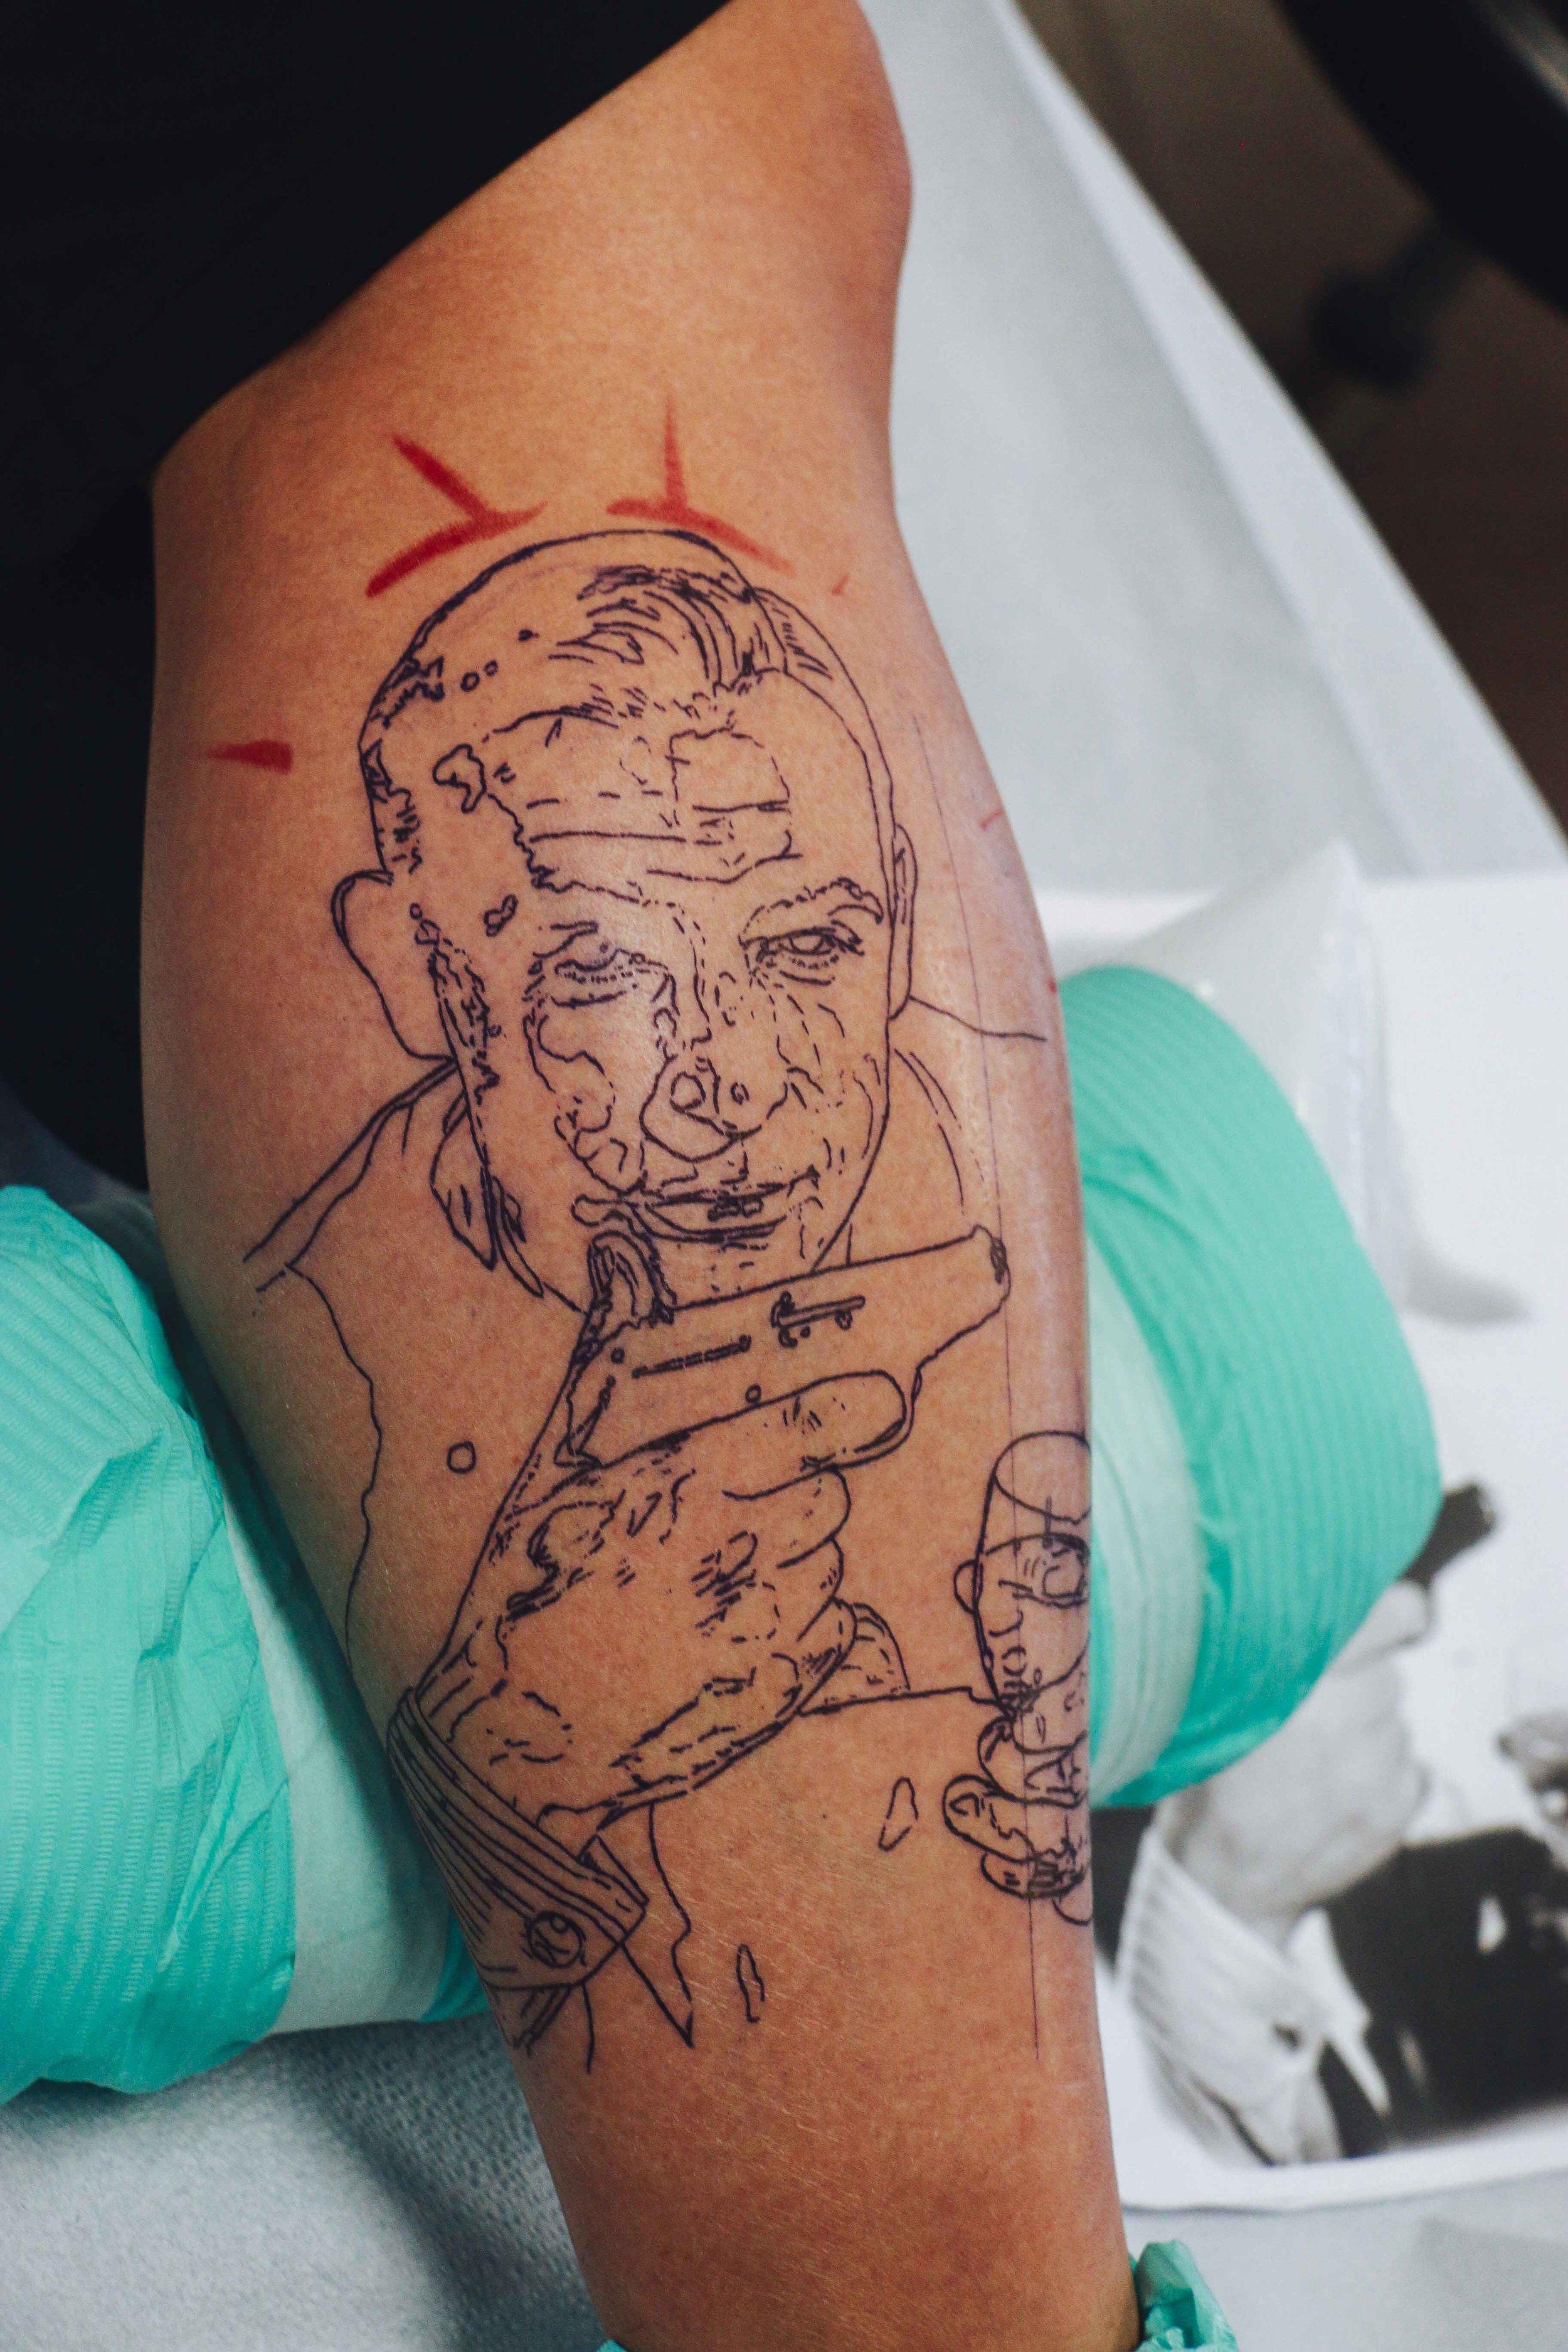 fyink-tattoos-MAY7-7.jpg